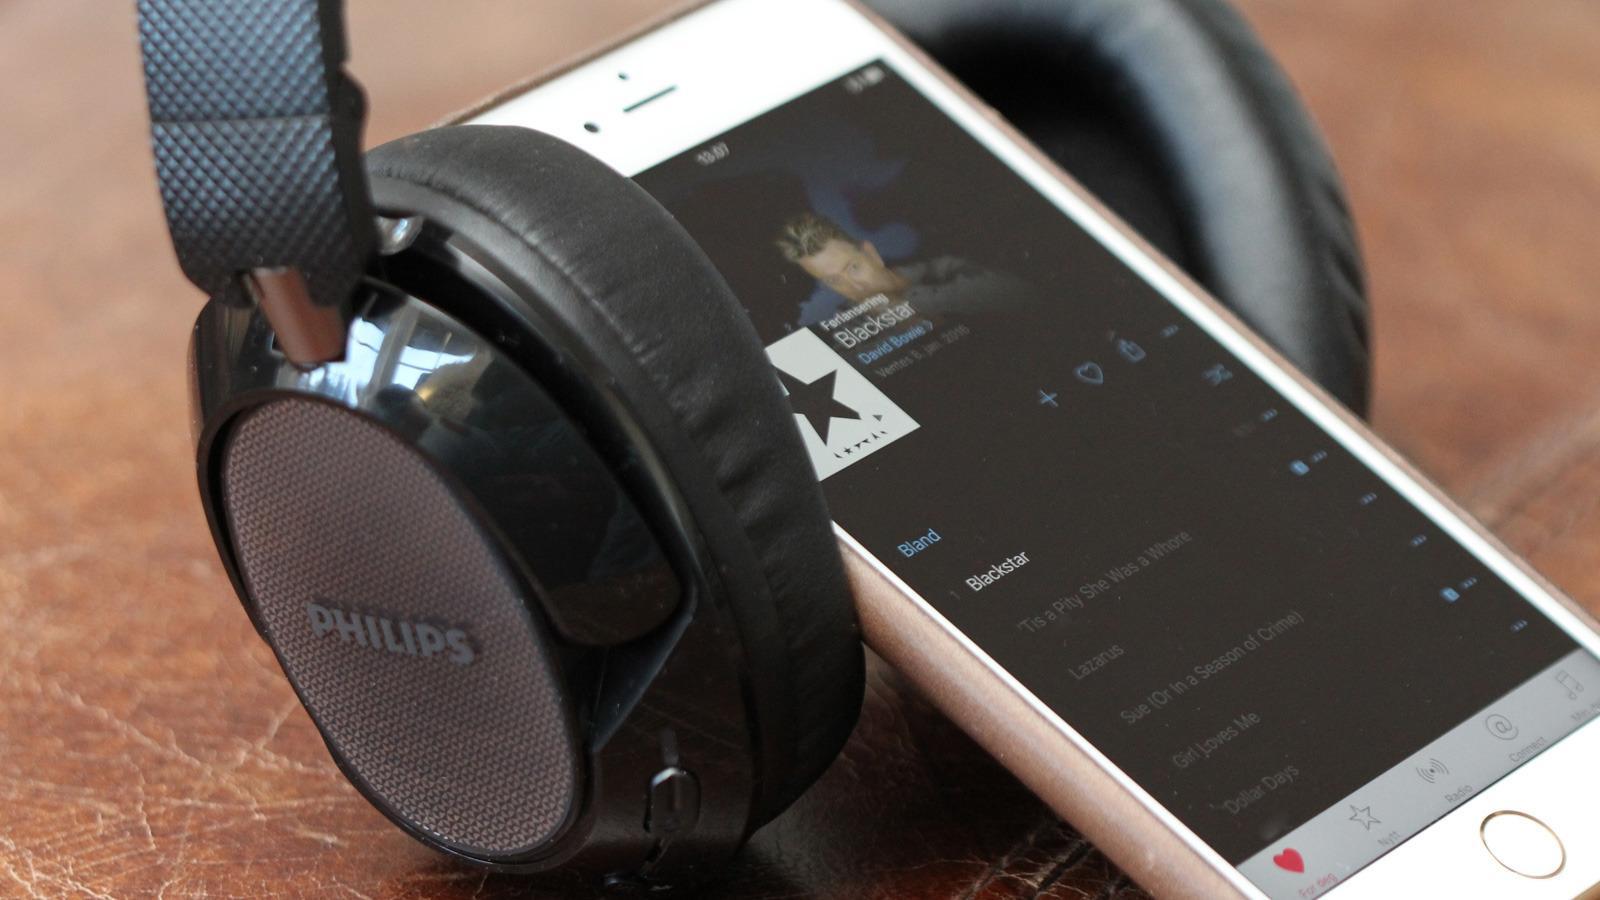 Lyden er bra om du hører på musikk uten ANC aktivert. Foto: Espen Irwing Swang, Tek.no